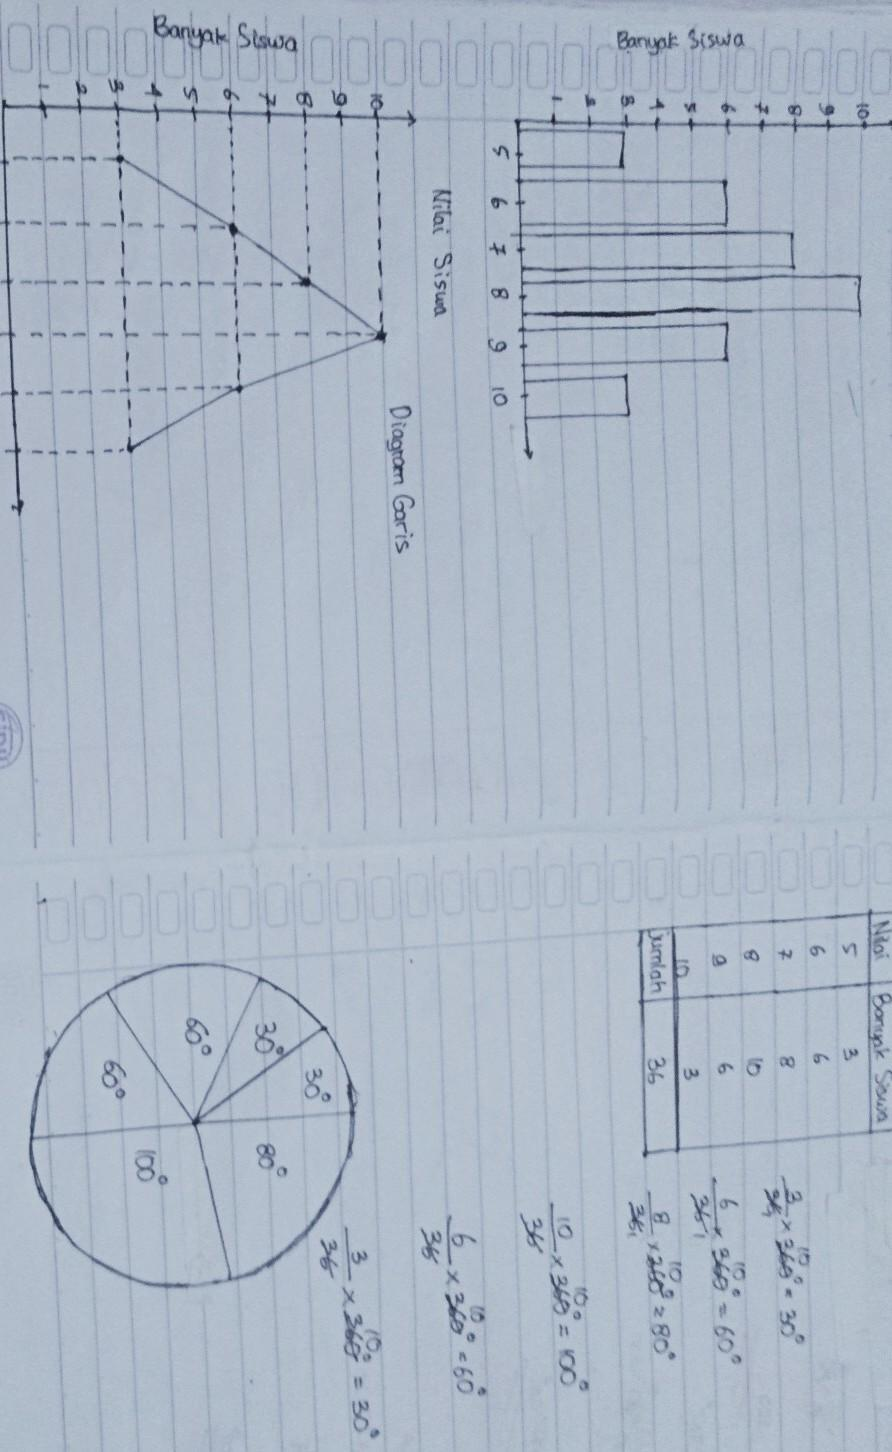 Contoh Soal Diagram Batang Beserta Jawabannya : contoh, diagram, batang, beserta, jawabannya, Contoh, Diagram, Batang, Garis, Lingkaran, Beserta, Jawabannya, IlmuSosial.id